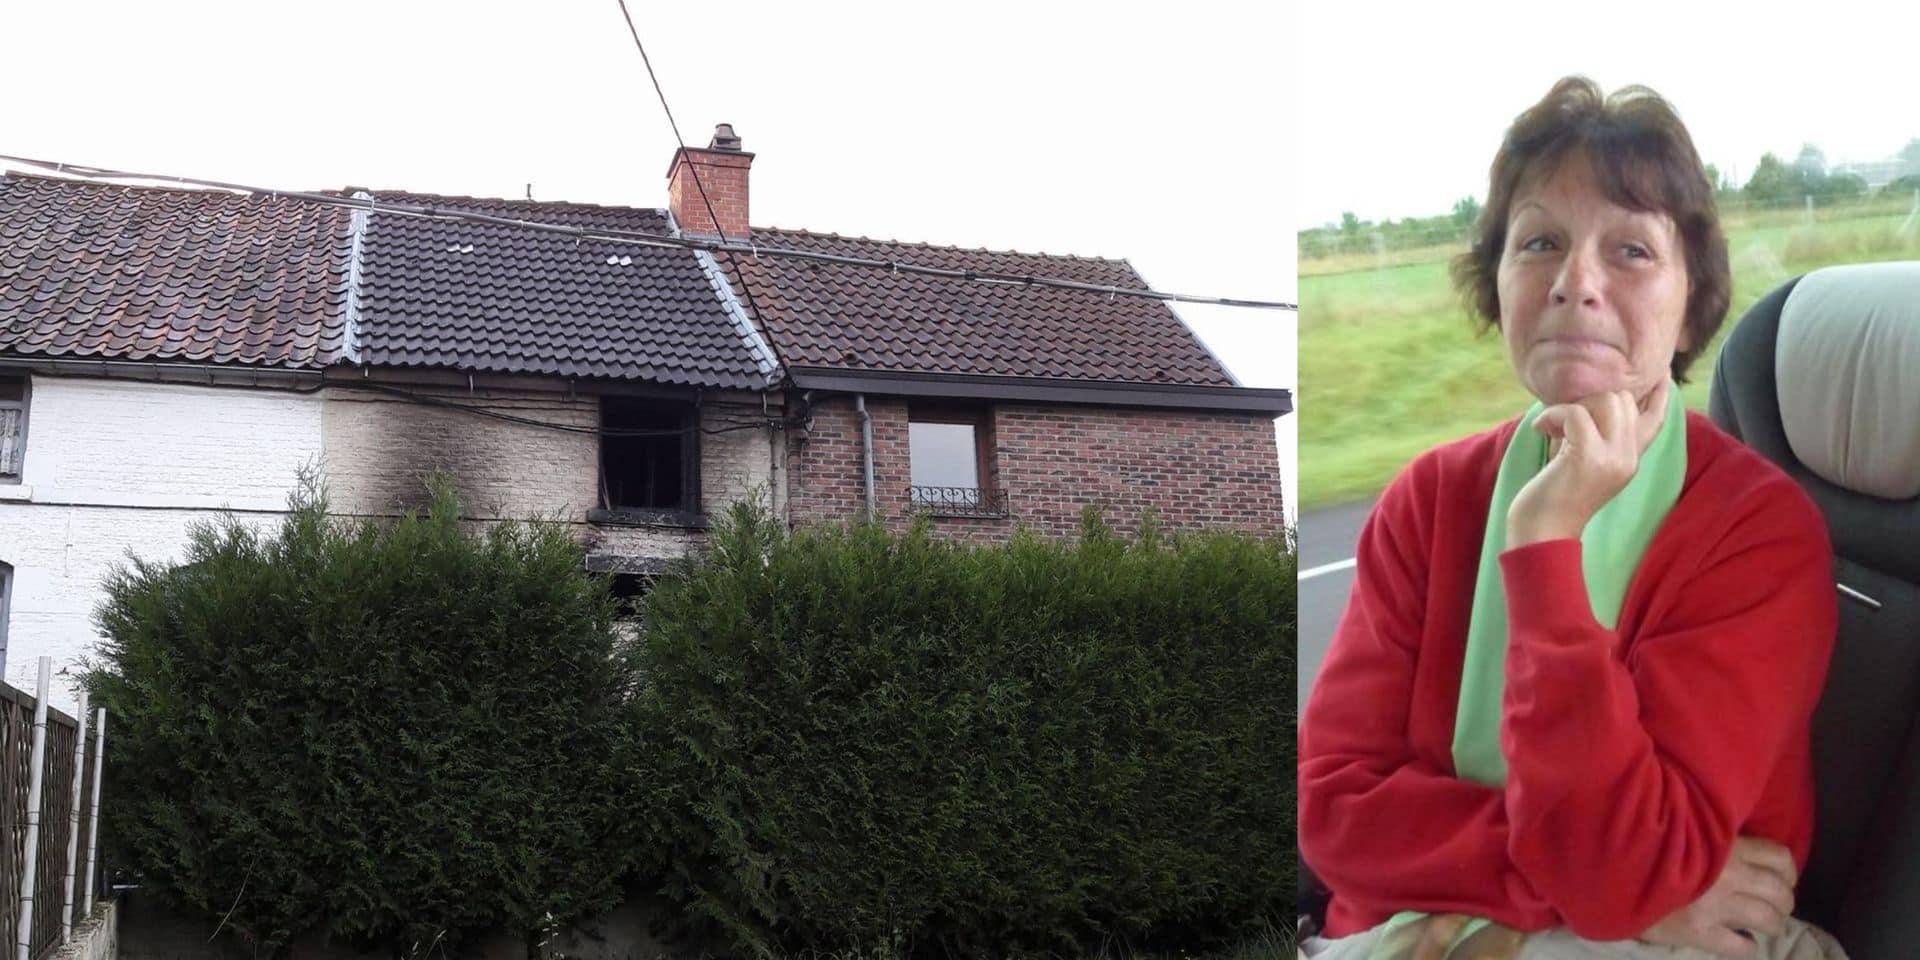 Marjorie Leclercq, accusée d'un incendie mortel à Jemappes, sera jugée dès le lundi 8 mars